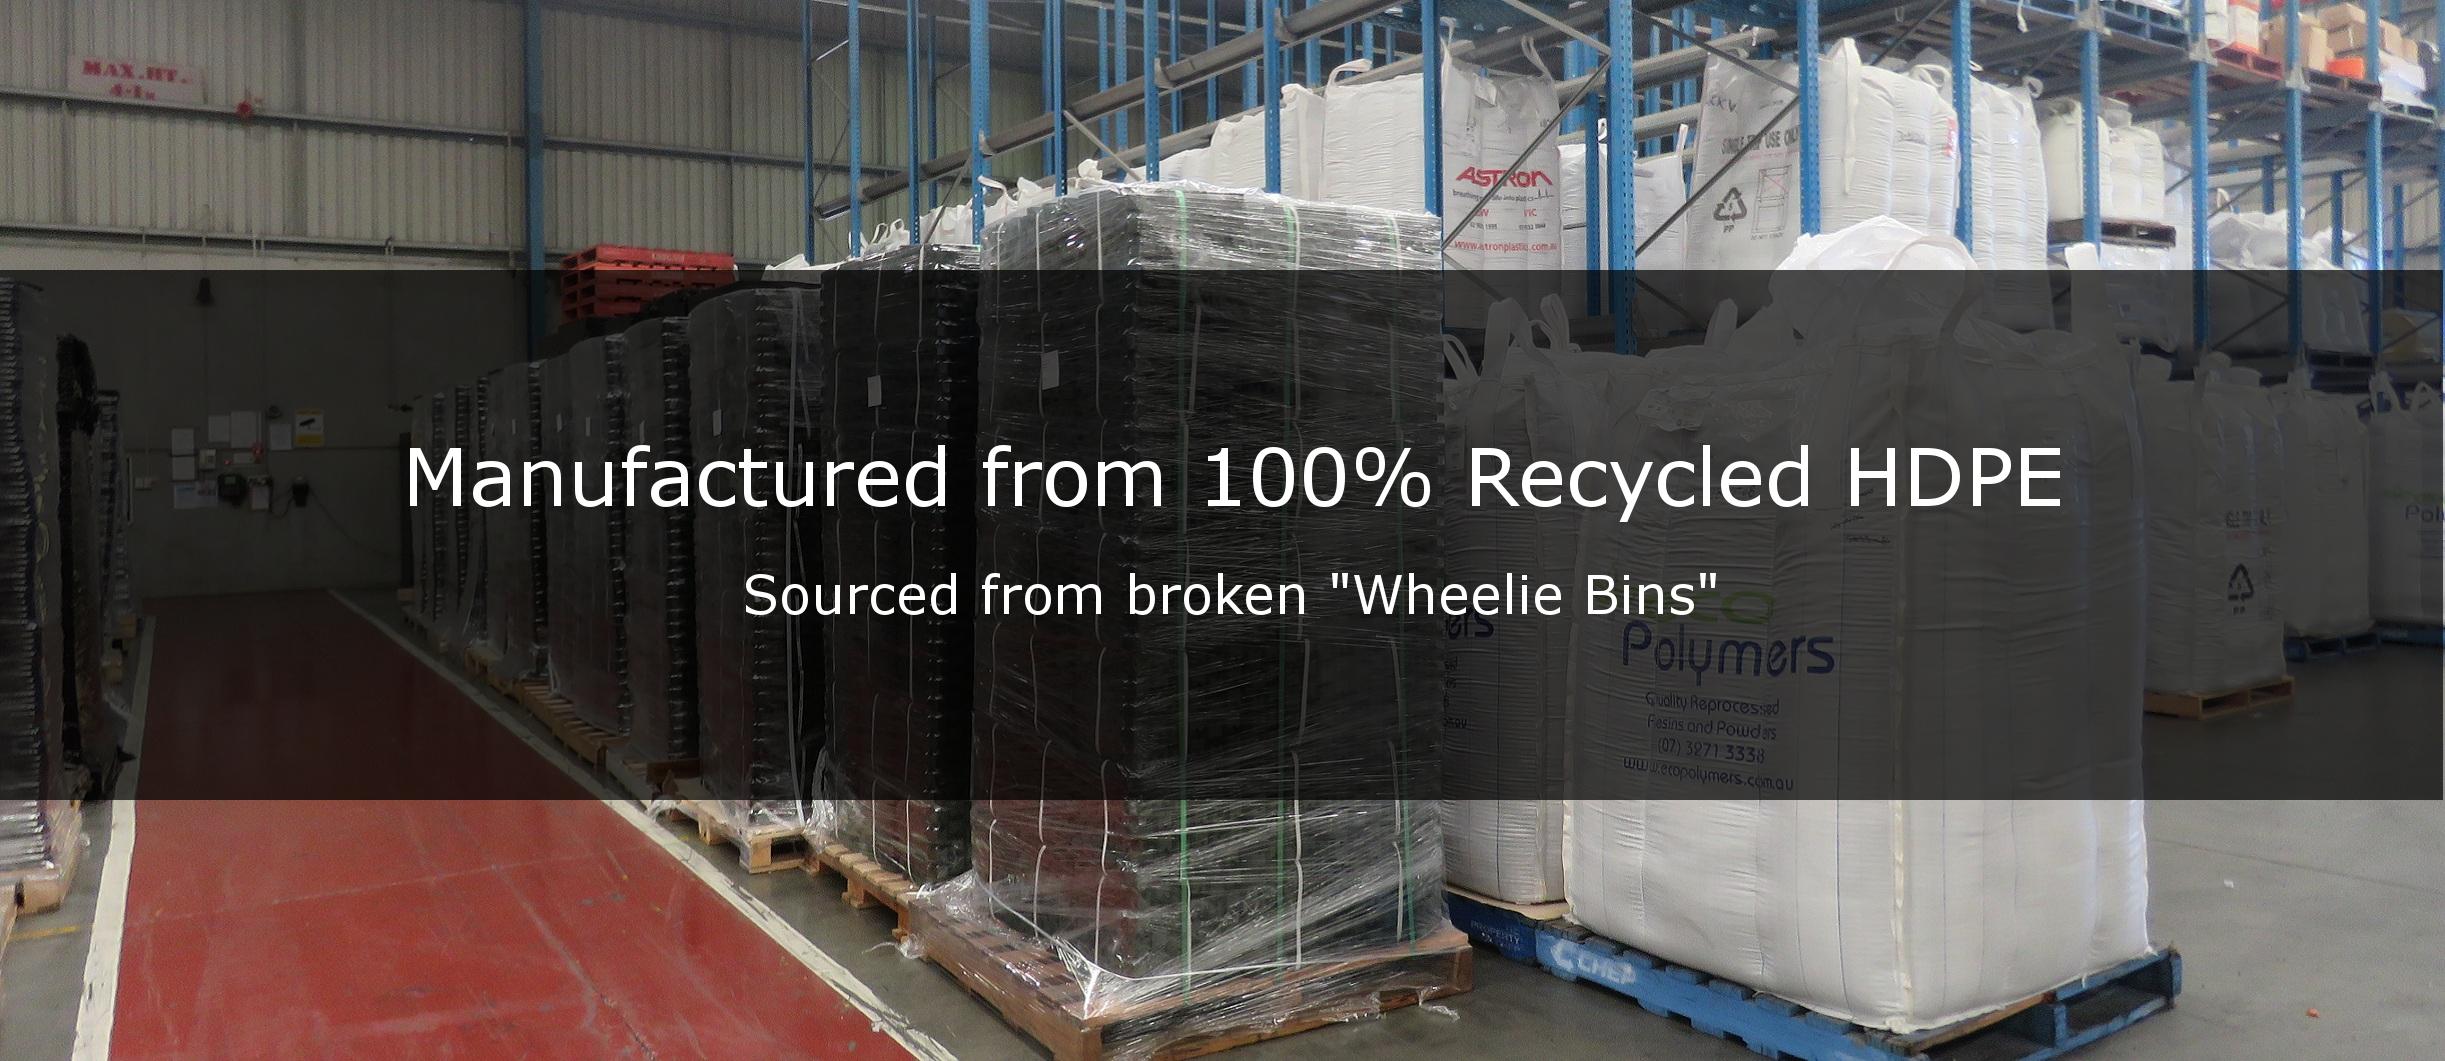 recycled plastics